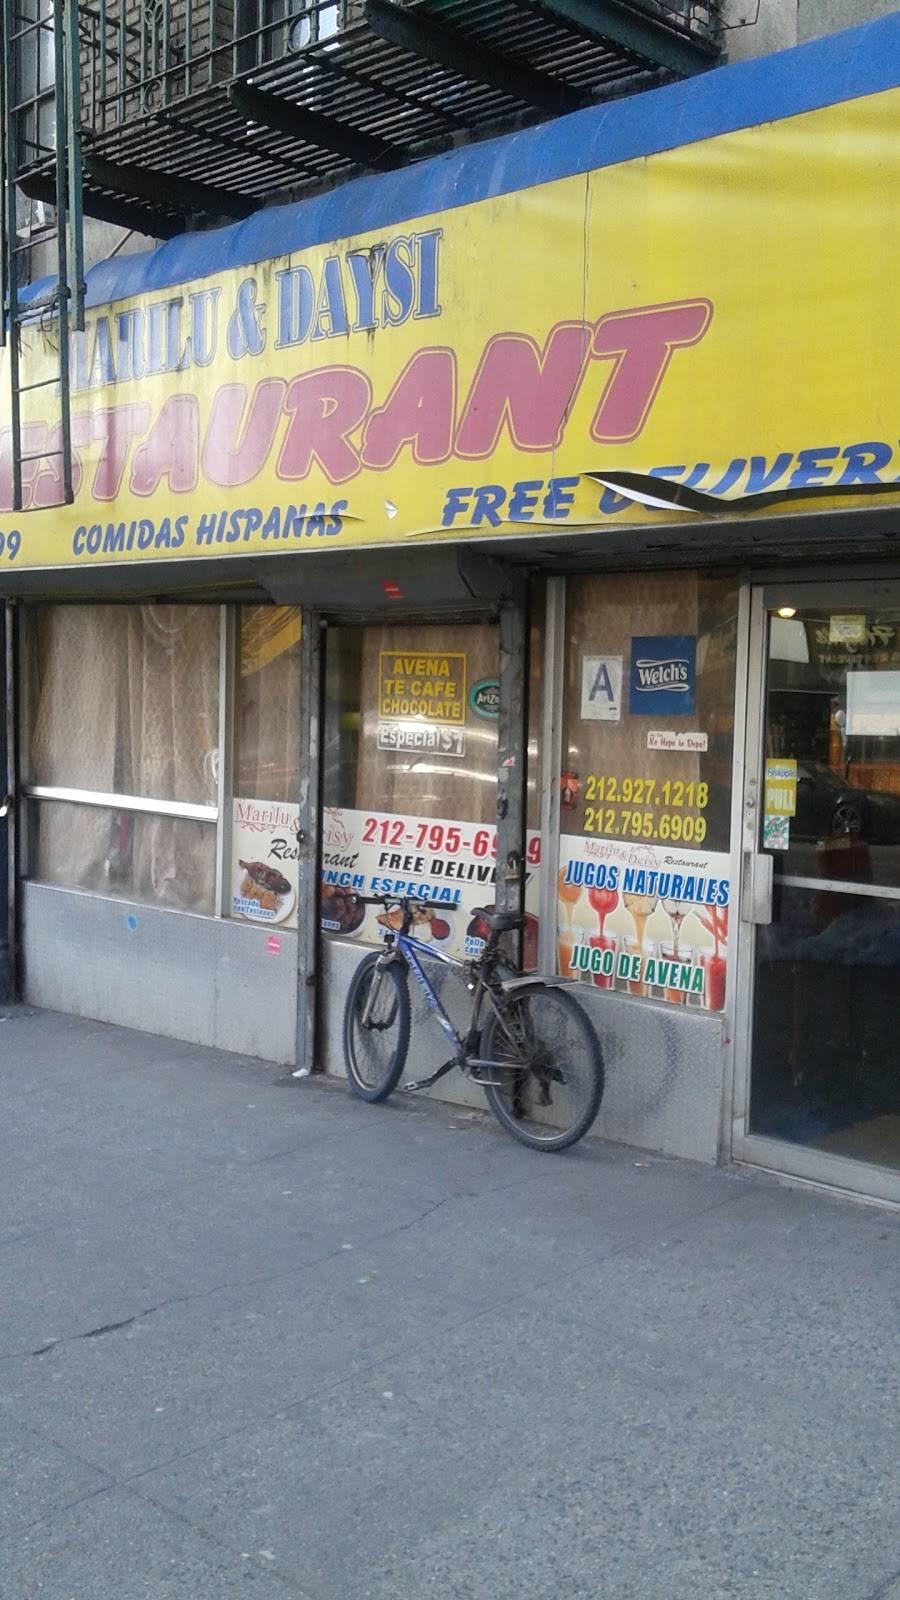 Marilu & Daysi   restaurant   206 Audubon Ave, New York, NY 10033, USA   2127956909 OR +1 212-795-6909